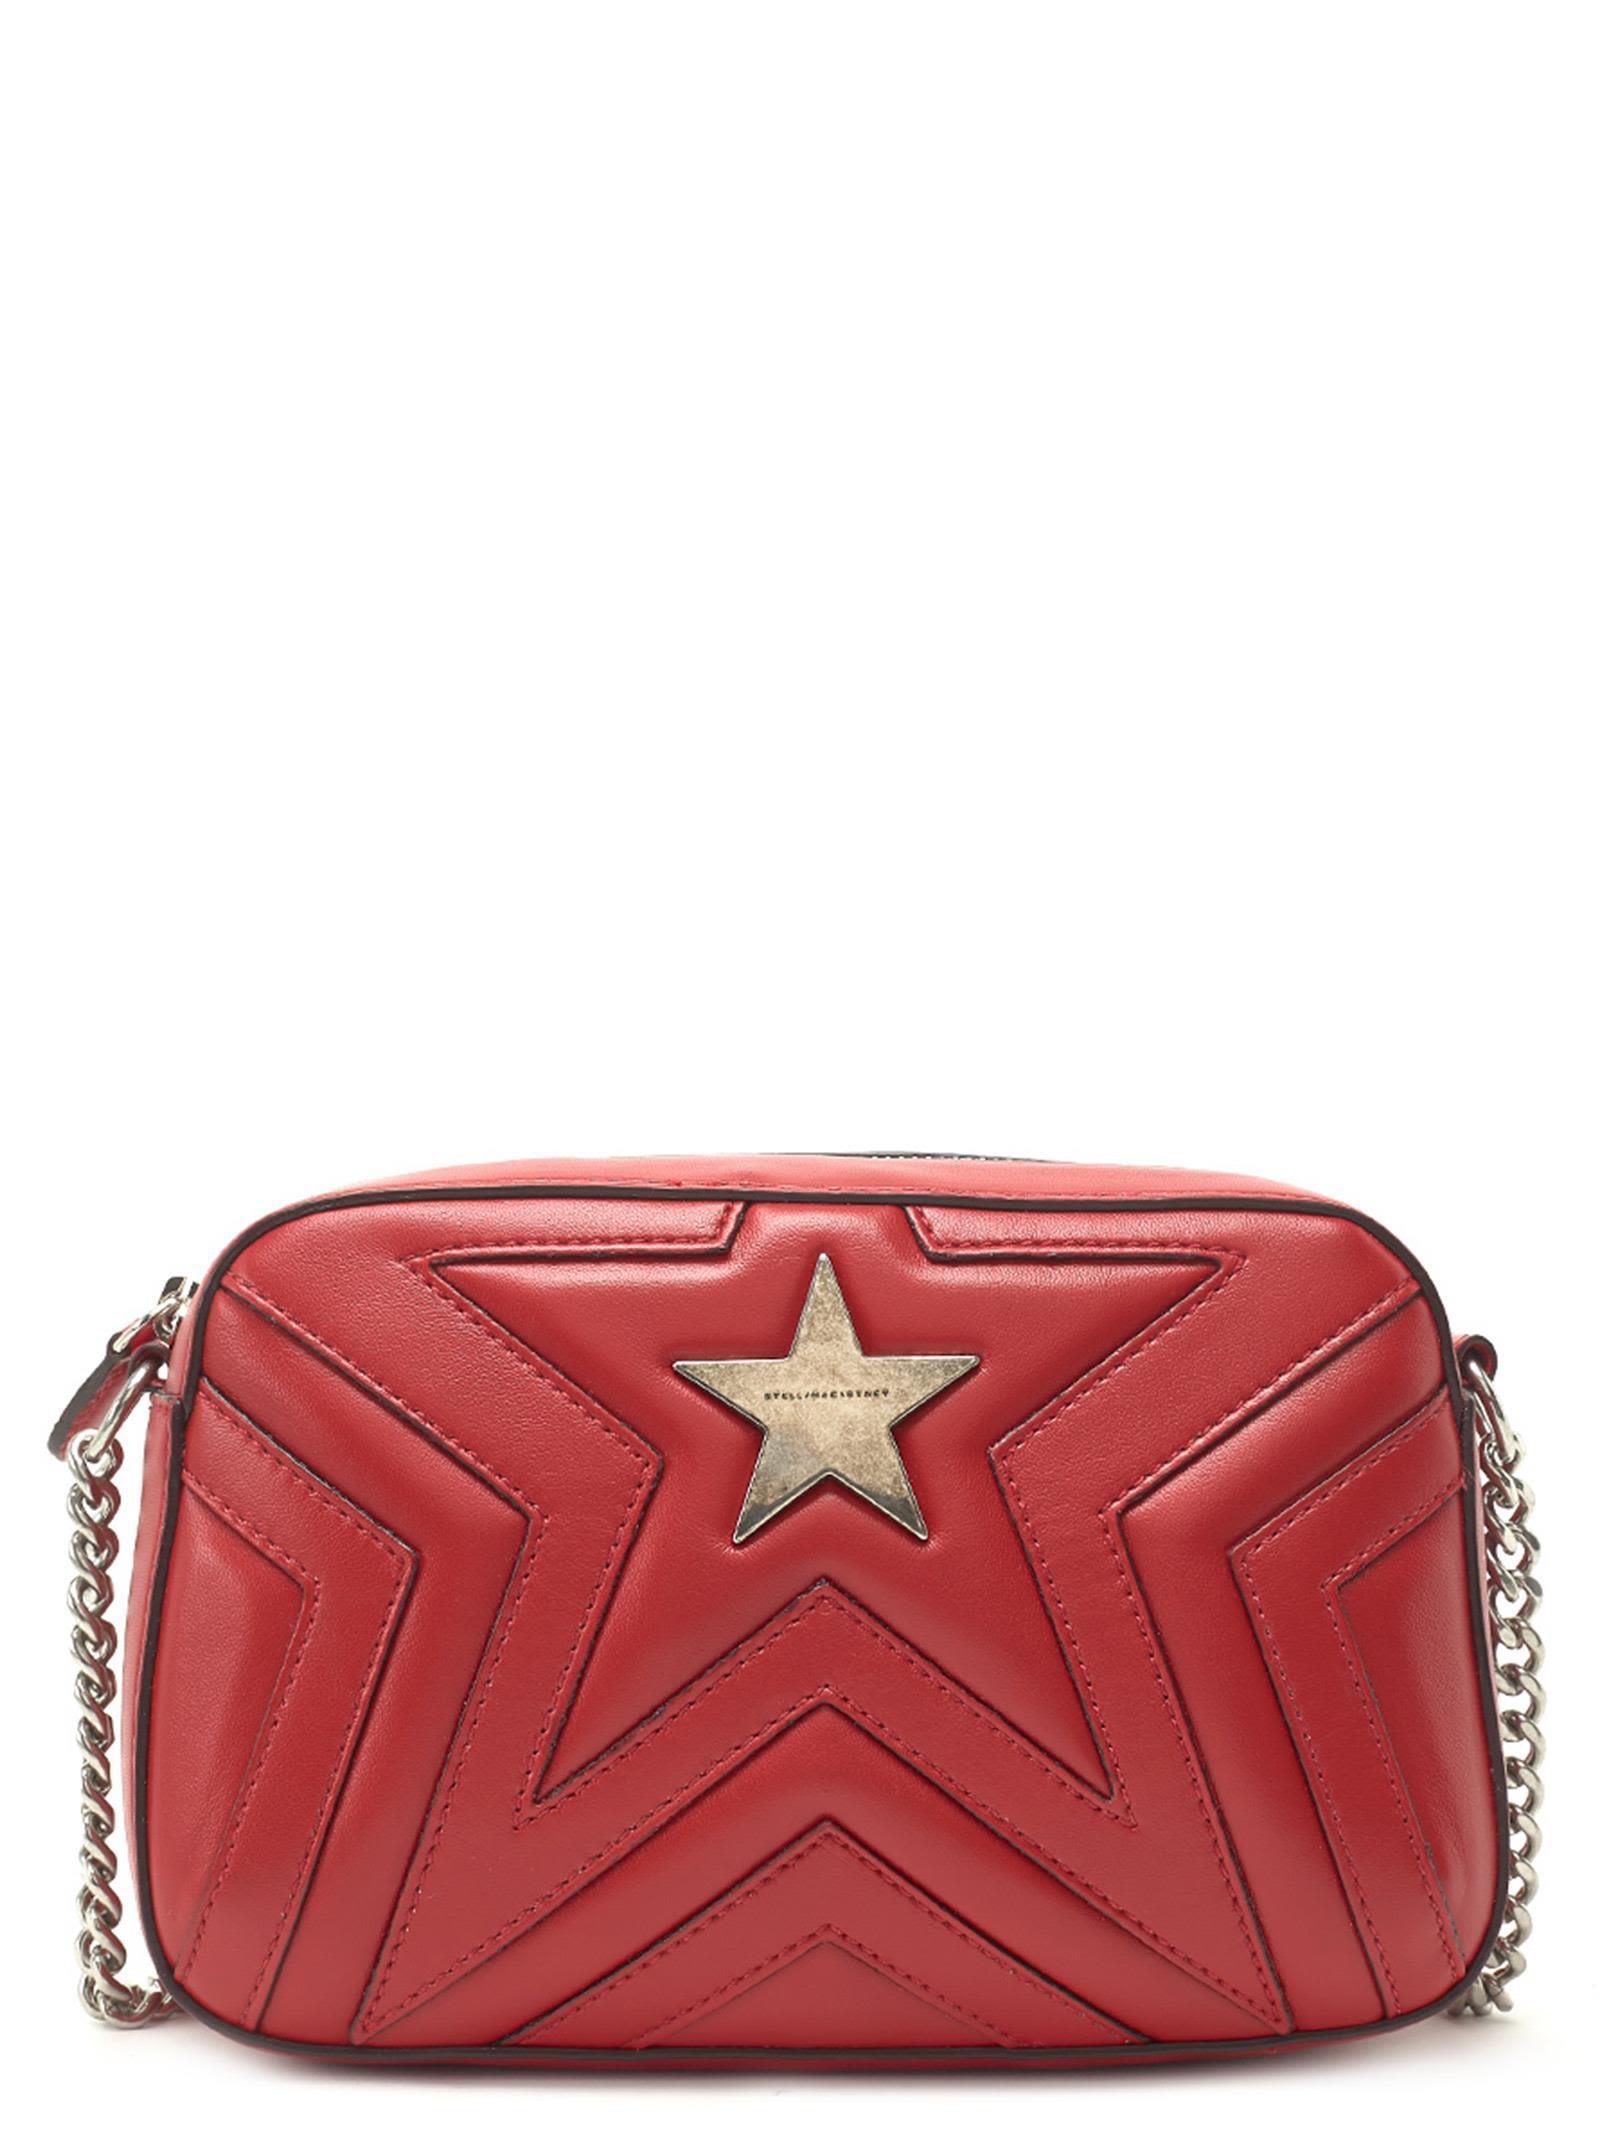 Stella Mccartney Bag  40ca65ec1da2c